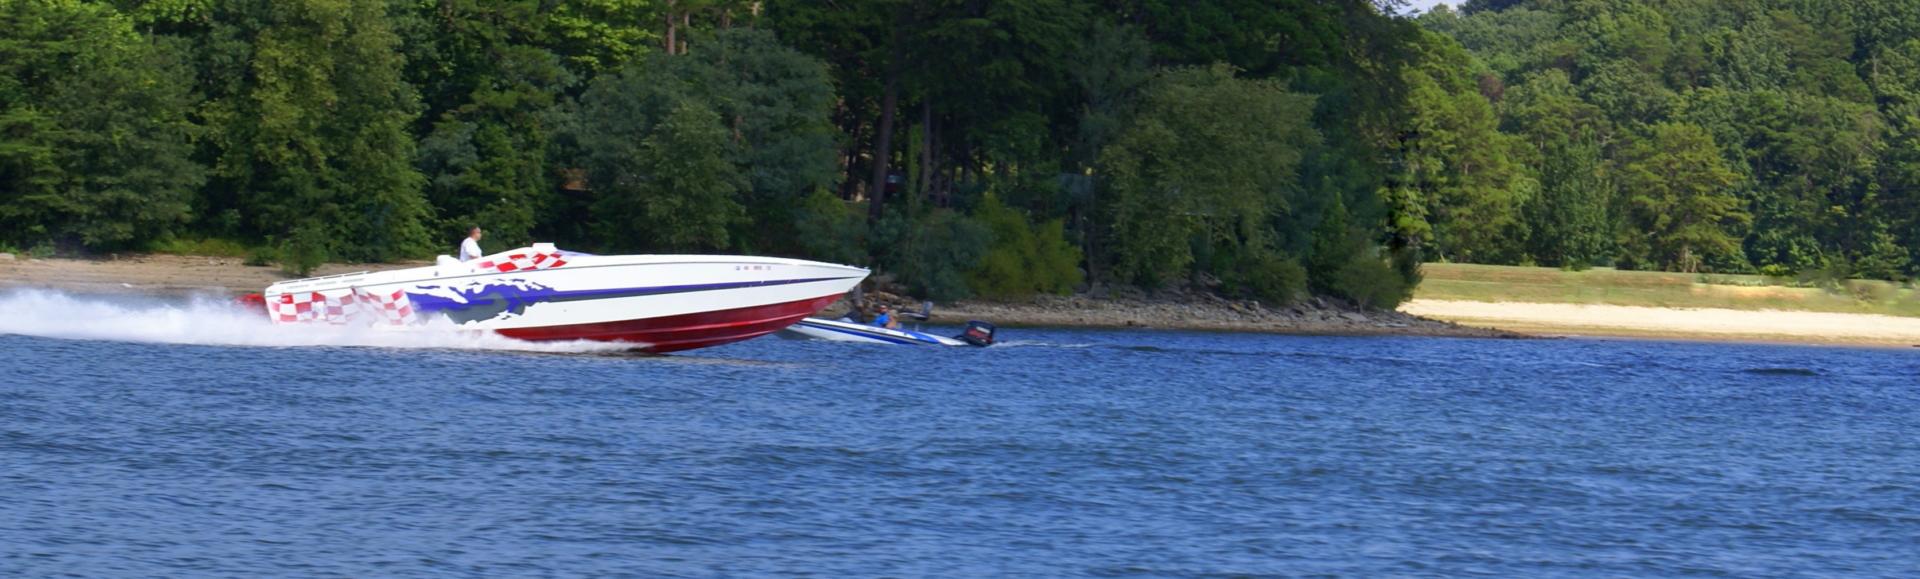 Lake Lanier - The Sheila Davis Group, Lake Lanier homes for sale